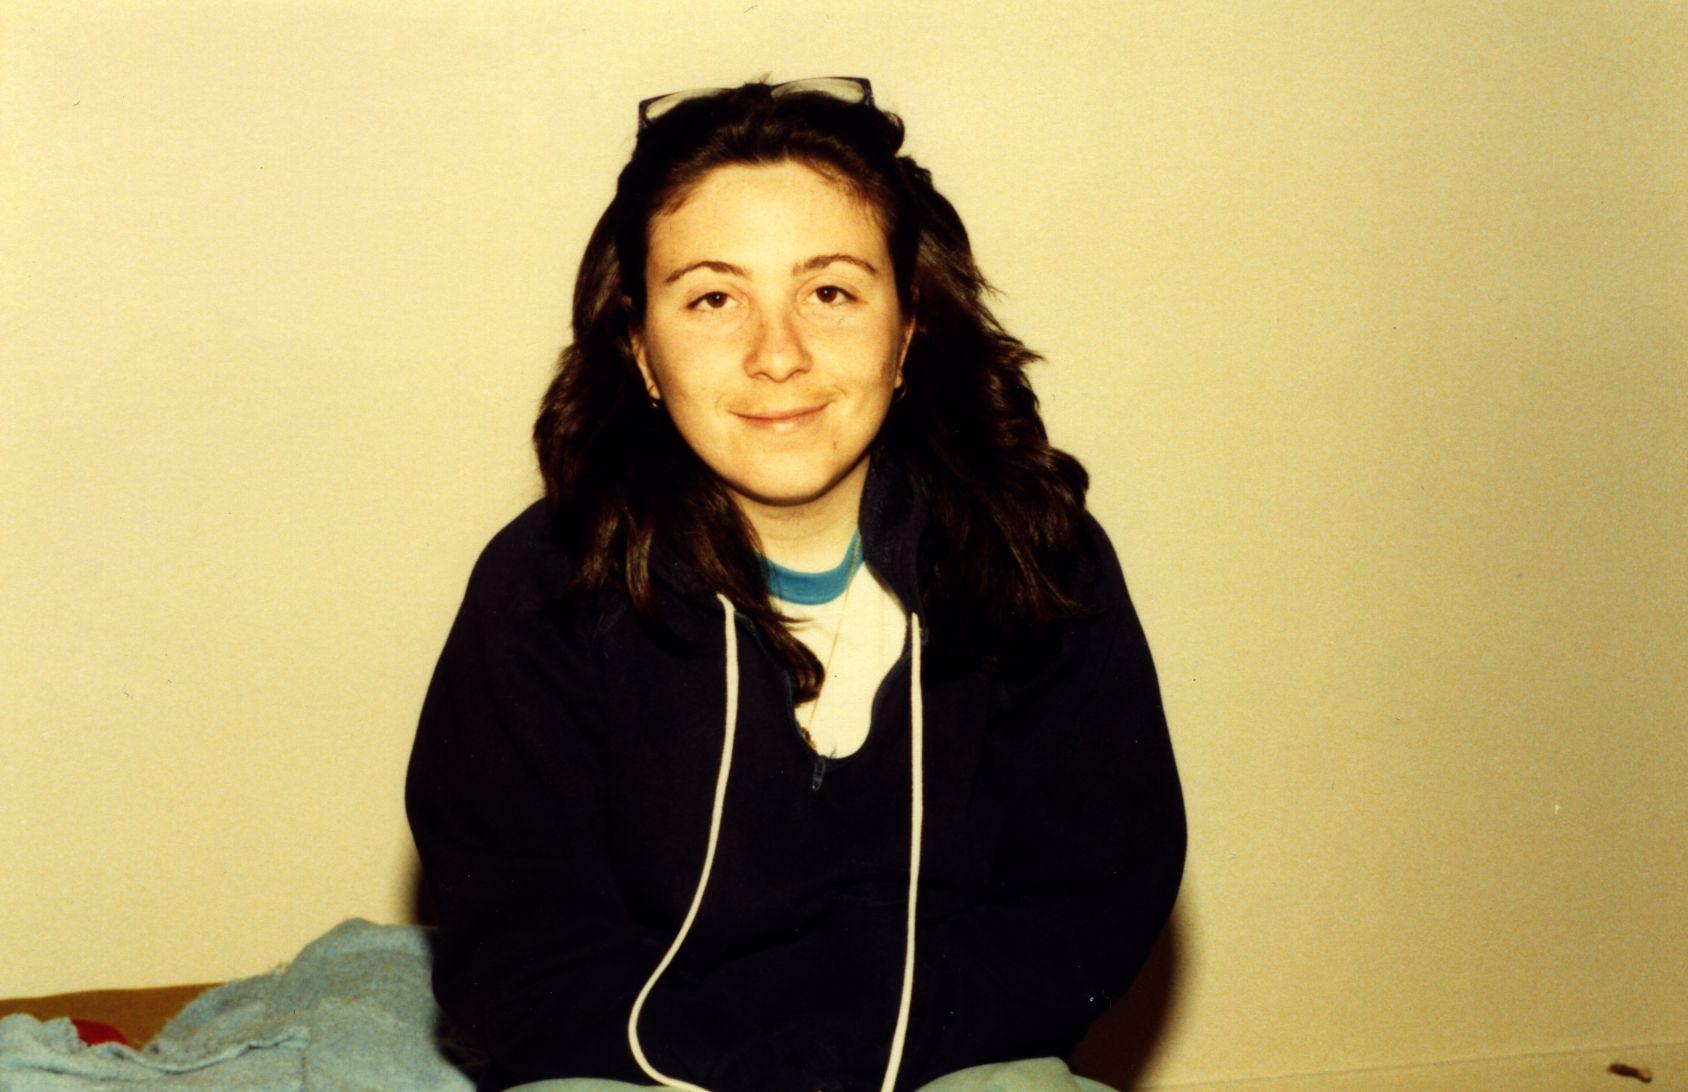 Lisa at age 16